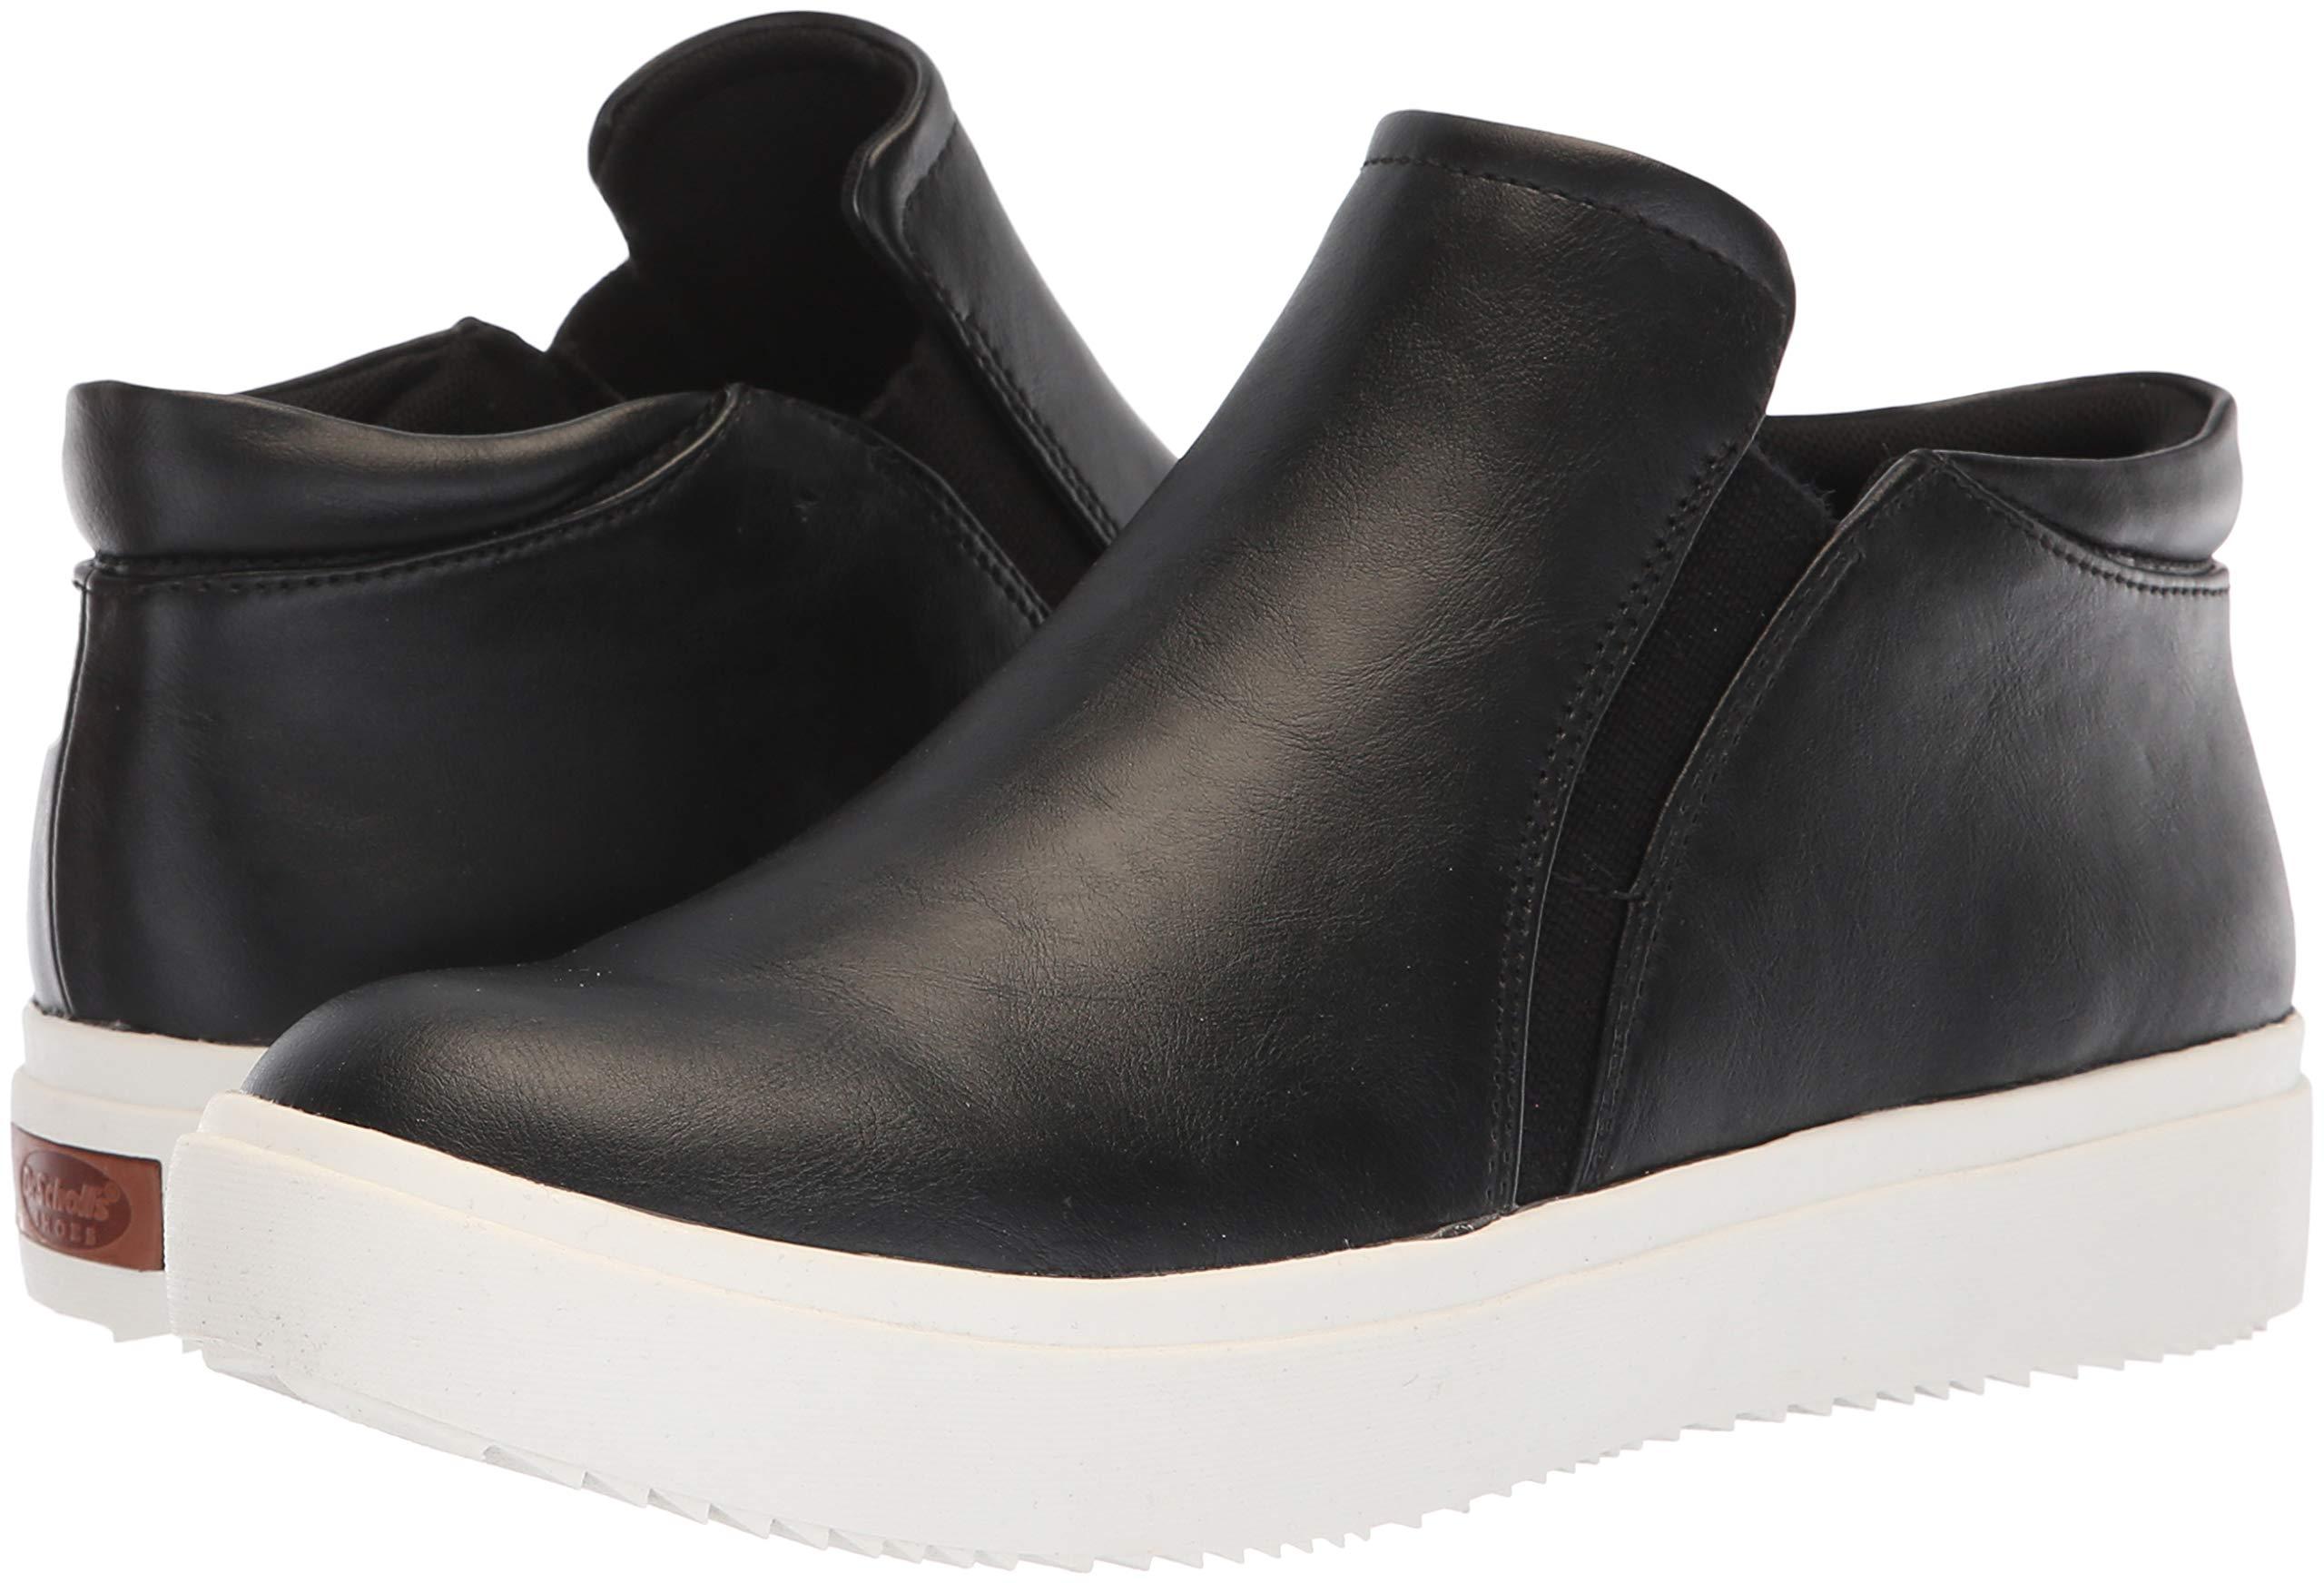 Dr. Scholl's Shoes Women's Wanderfull Sneaker